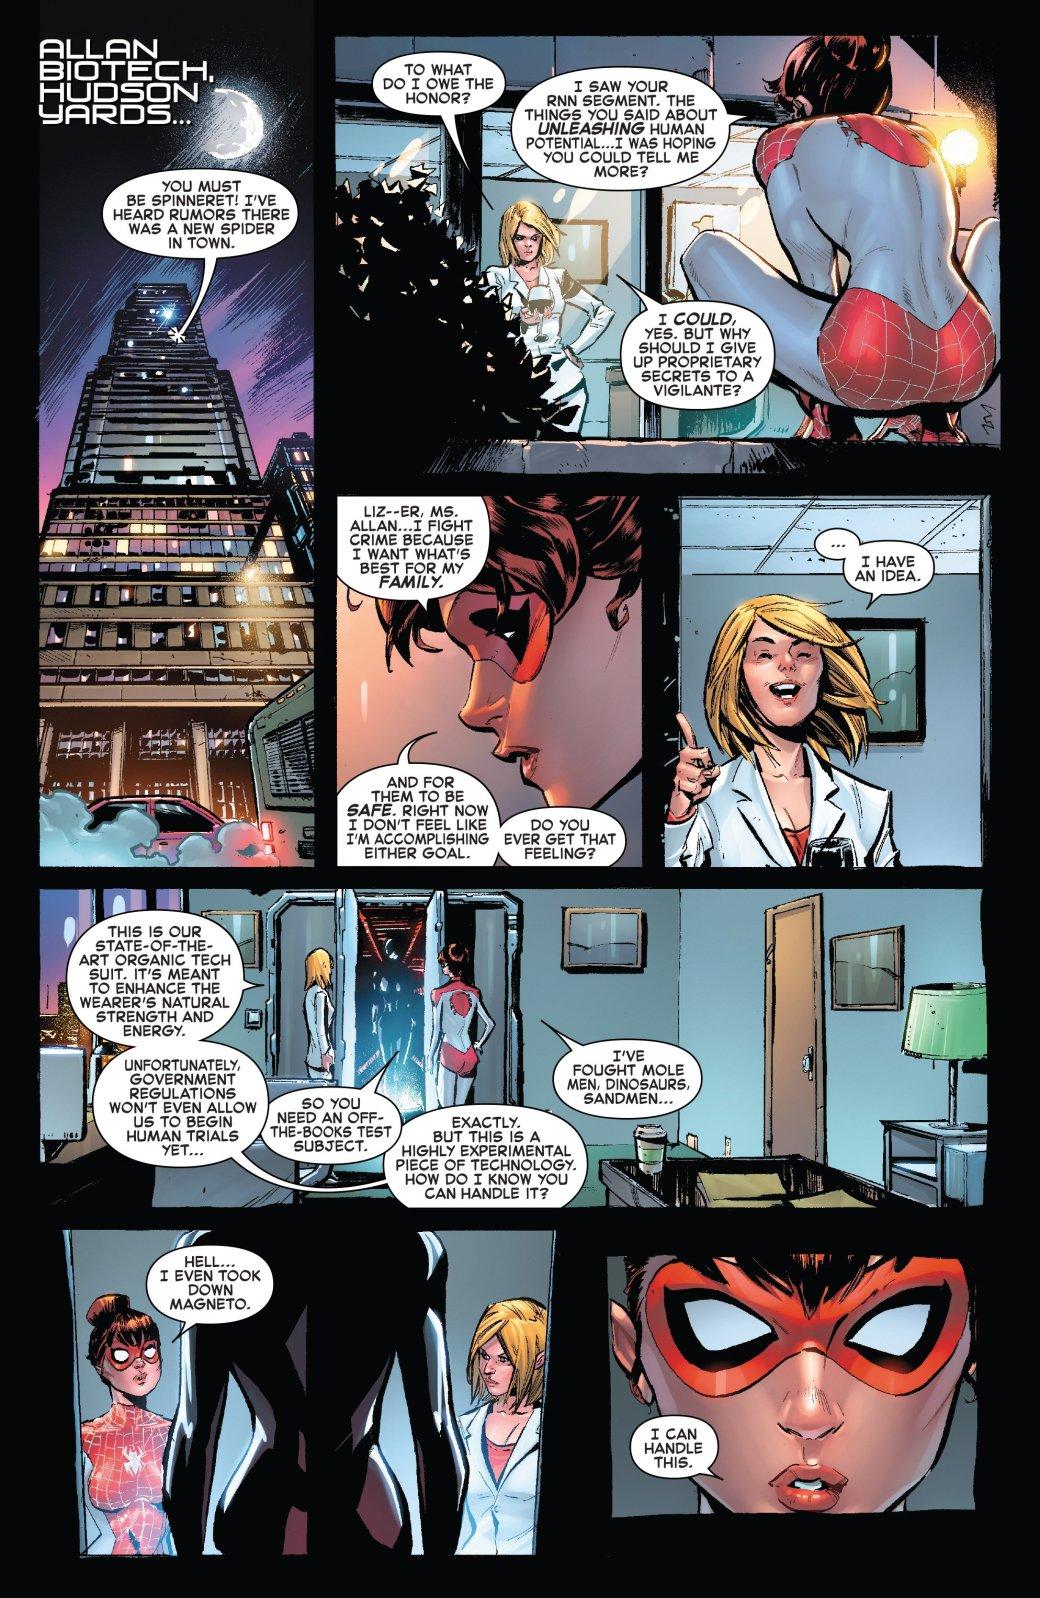 Еще немного Венома: Мэри Джейн стала новым носителем симбиота